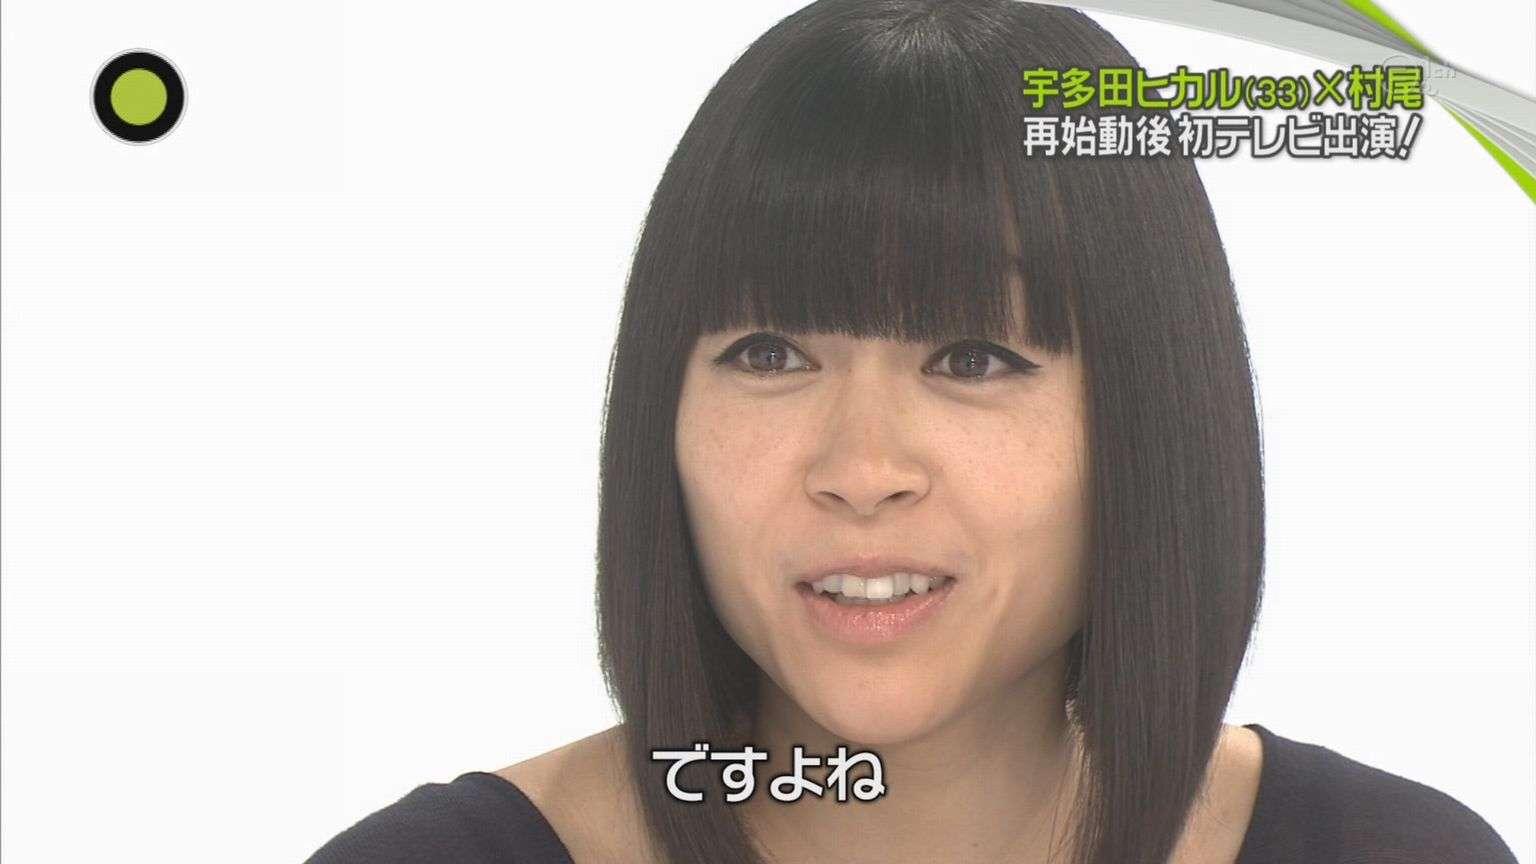 老けた?怖い?宇多田ヒカルの最新ジャケット写真をめぐって大激論!